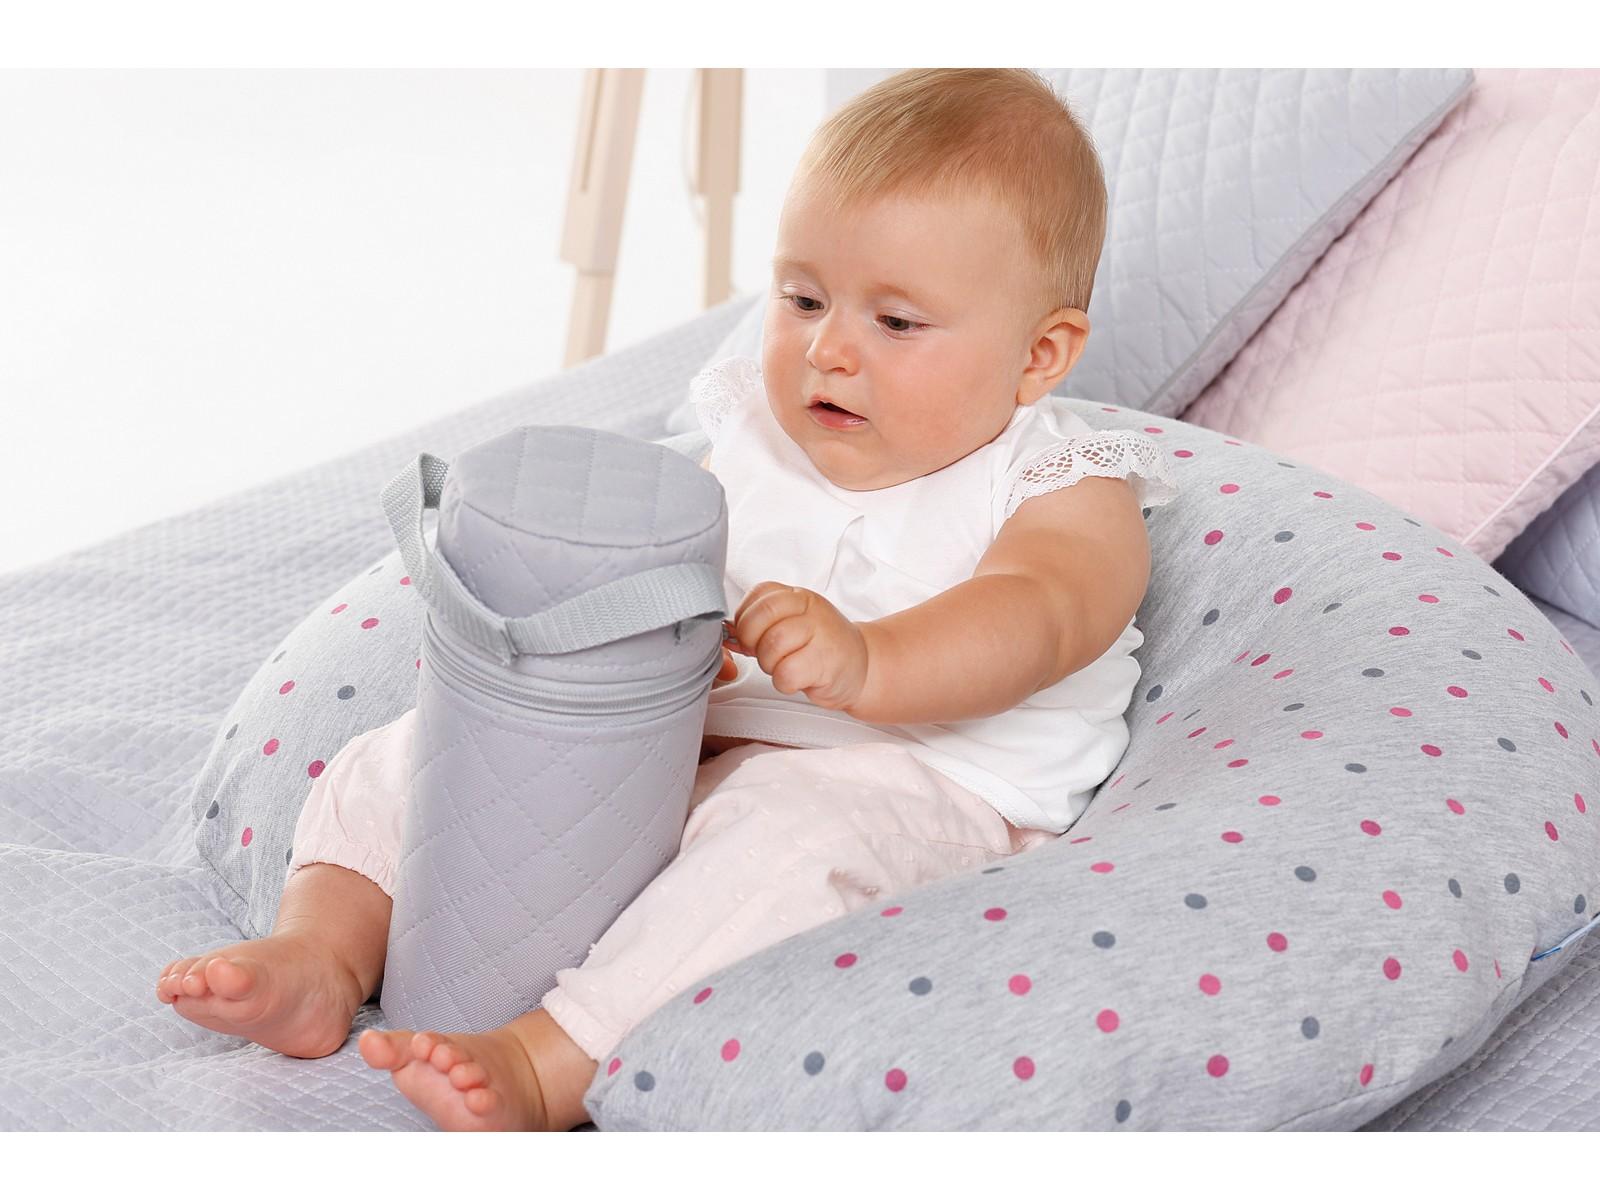 Stillkissen Lagerungskissen Seitenschläferkissen 23cmx22cm NEU Kopfkissen Baby